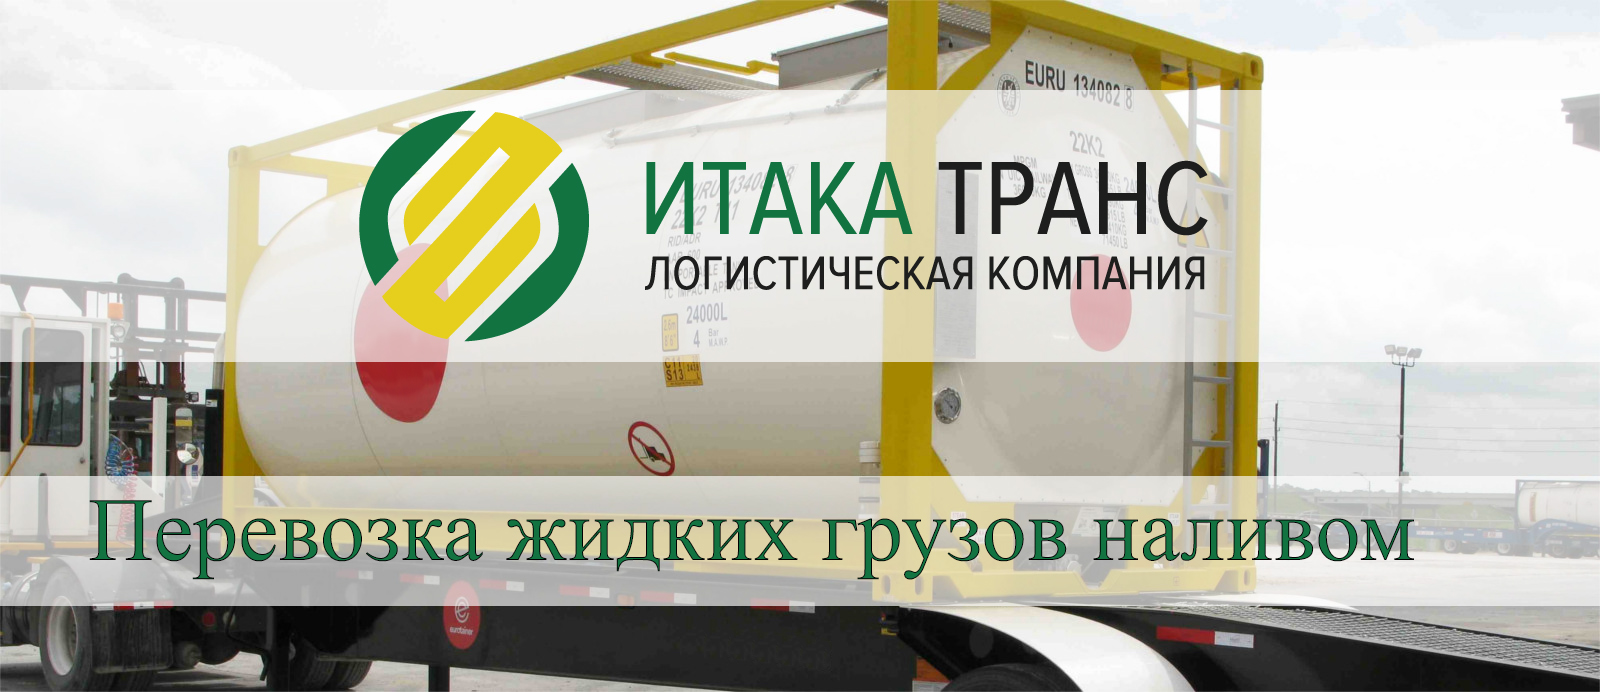 перевозка жидких грузов наливом